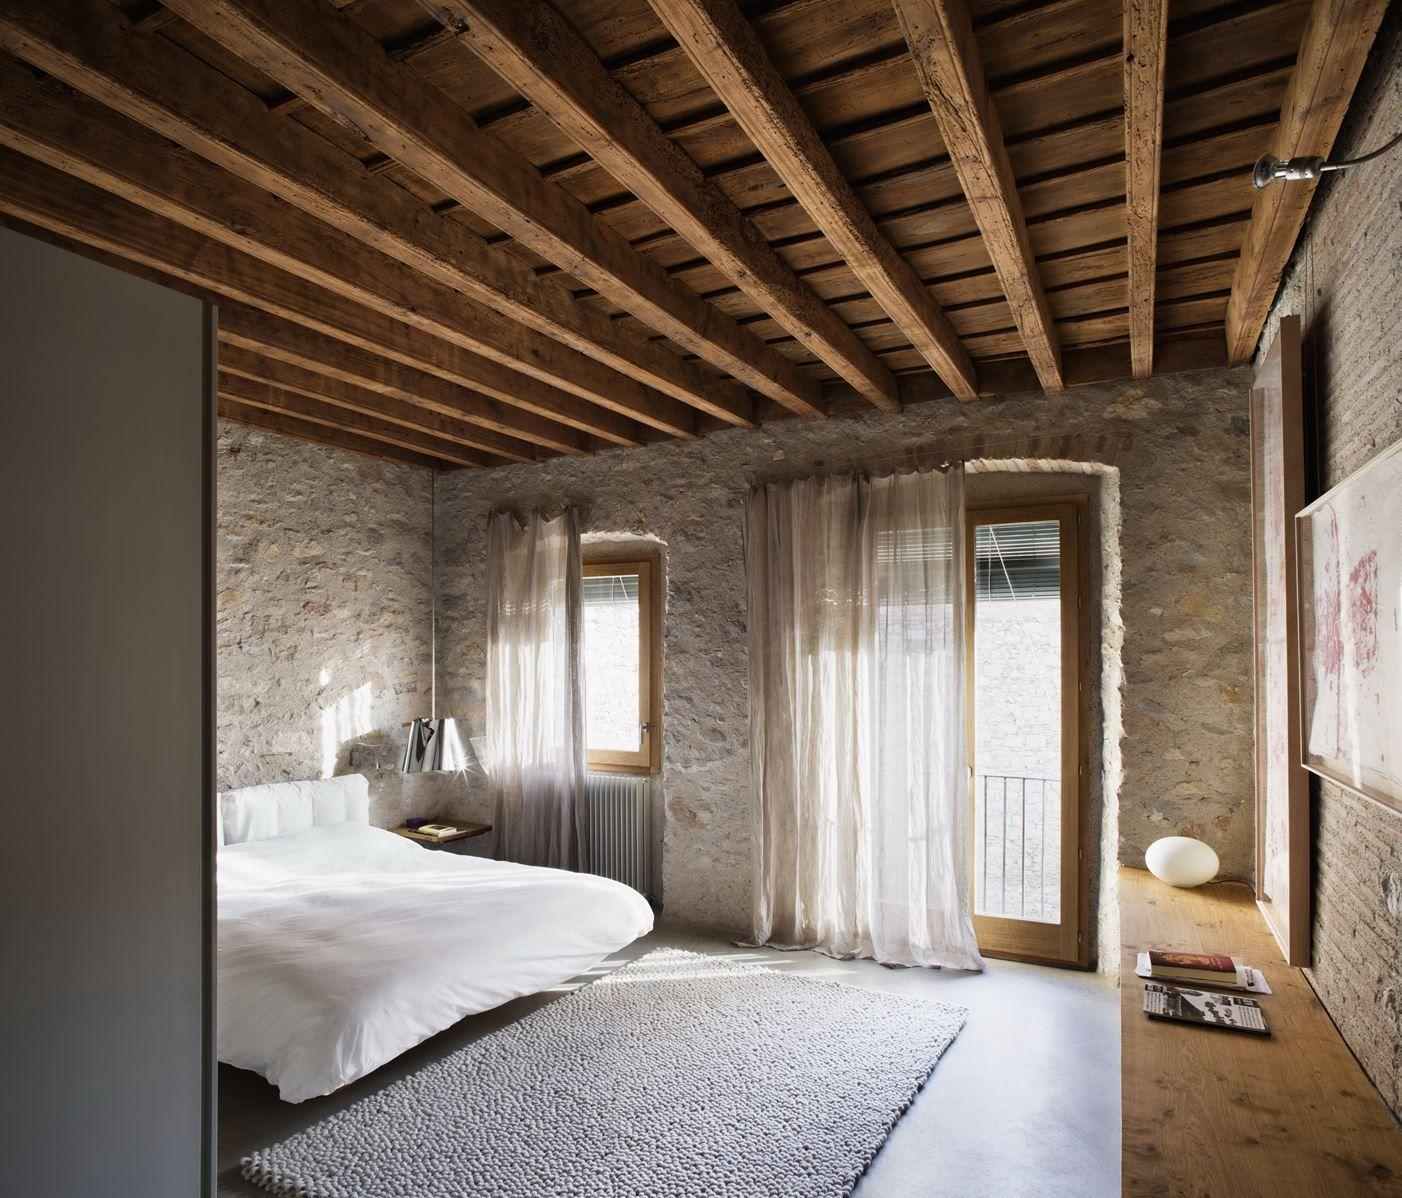 Techo de madera y vigas en dormitorio r stico con paredes - Vigas madera techo ...